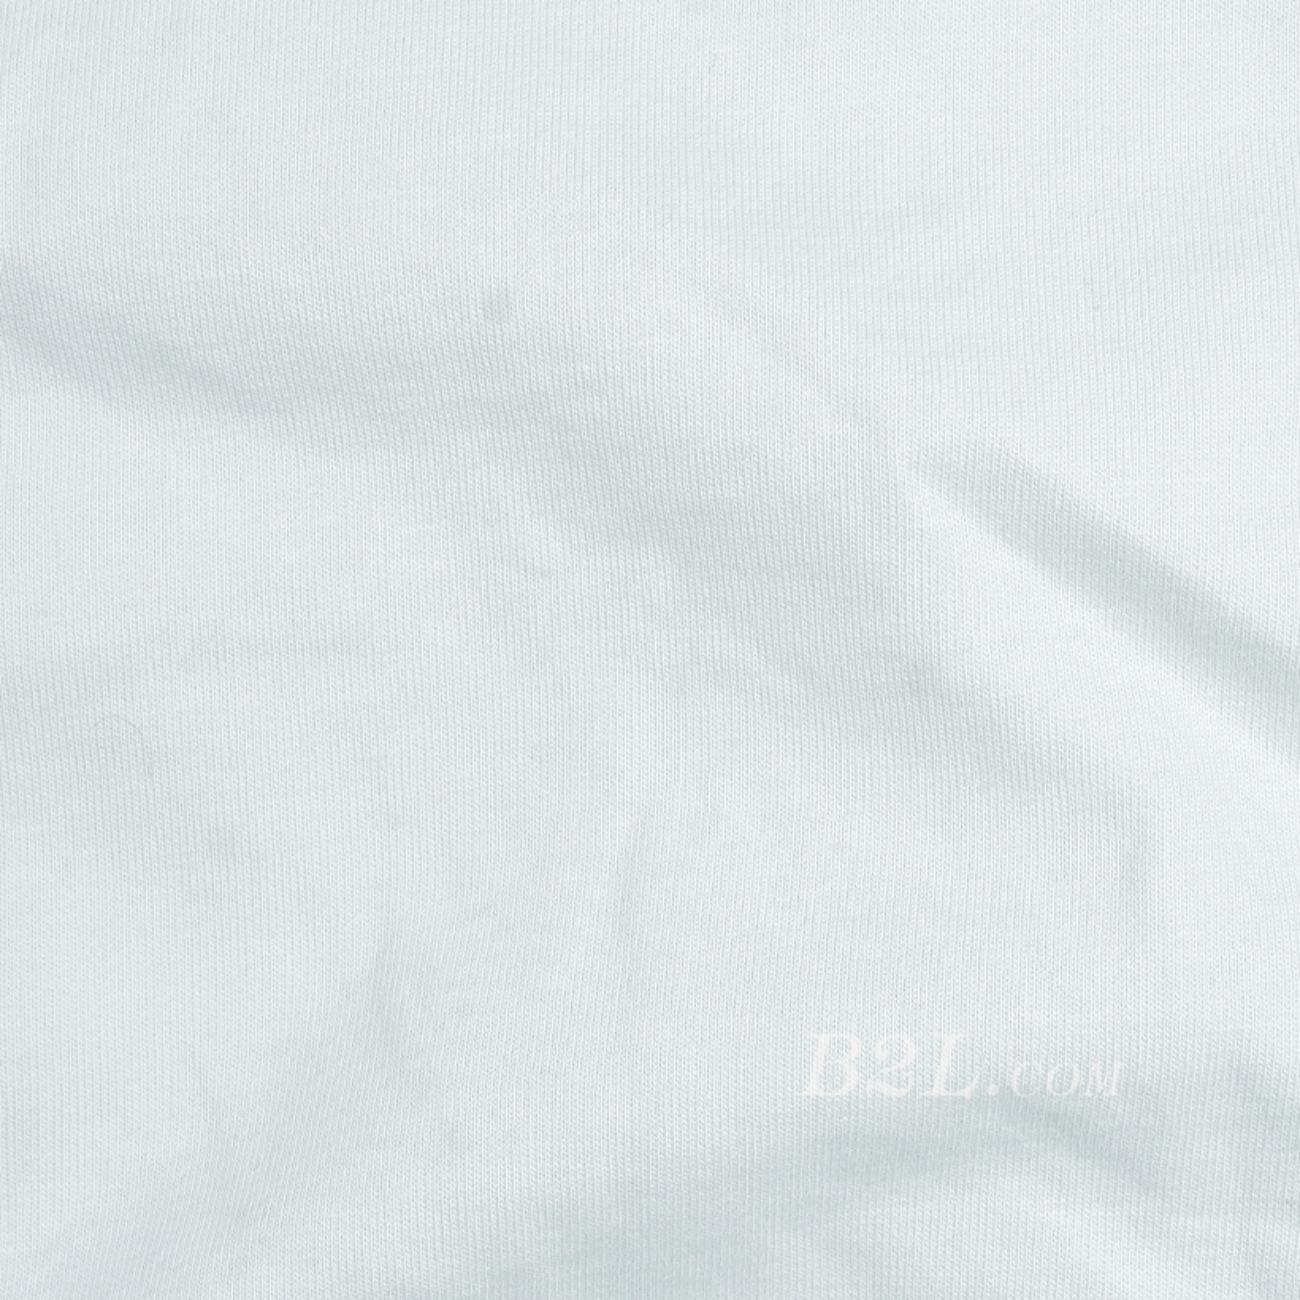 素色 针织 染色 弹力 薄 春秋冬 时装 外套 90306-61